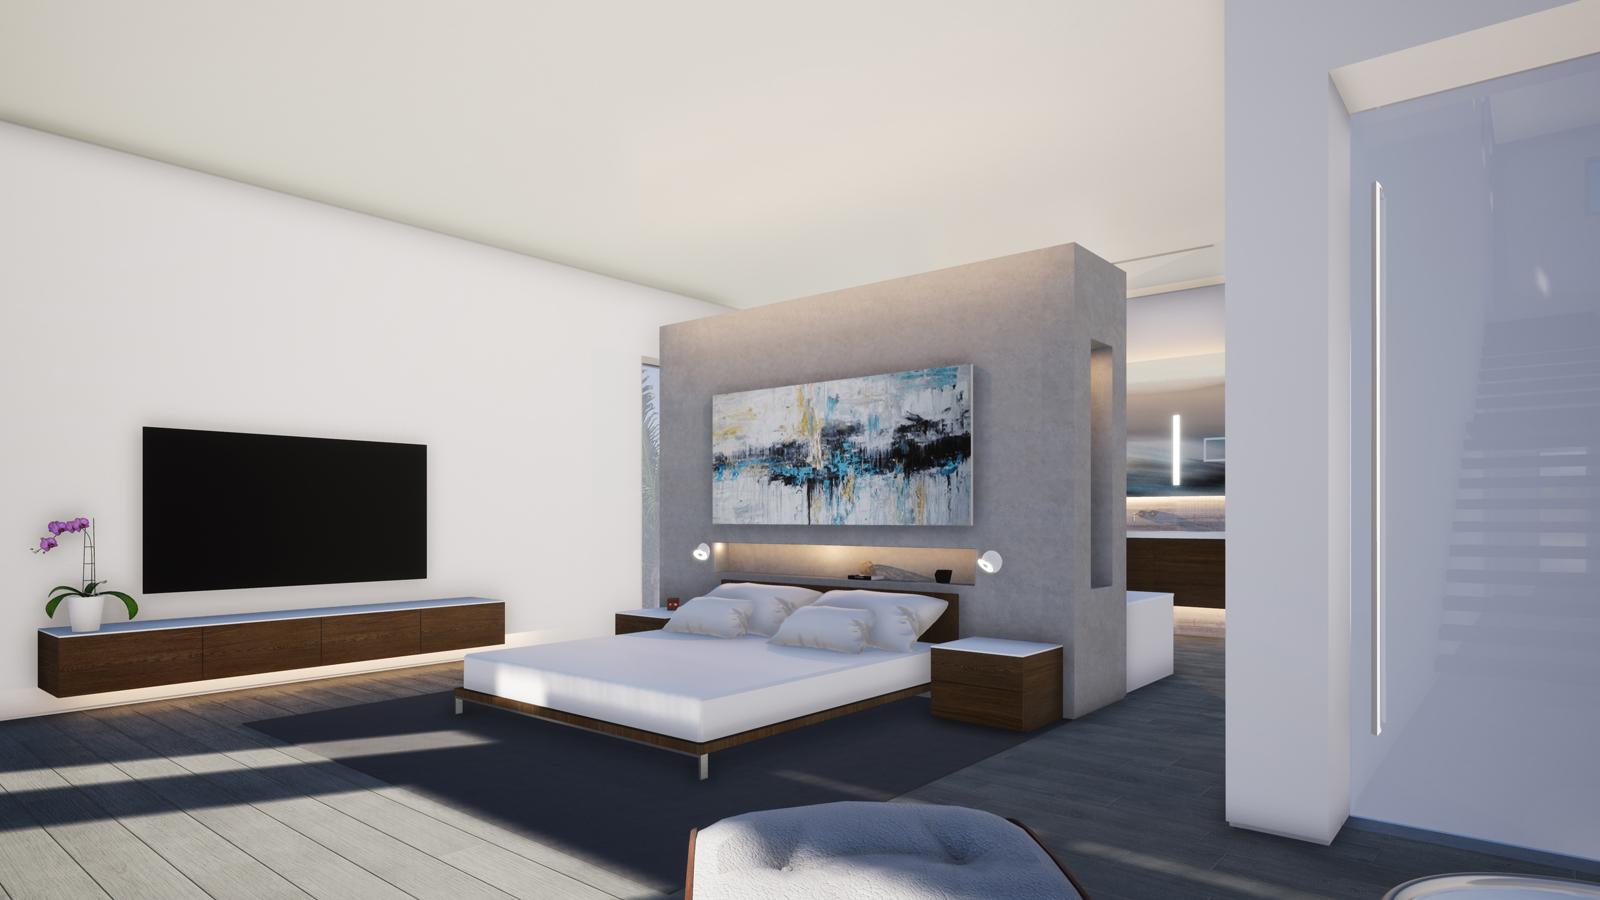 Palimpsest_House_Master_Bedroom.jpg